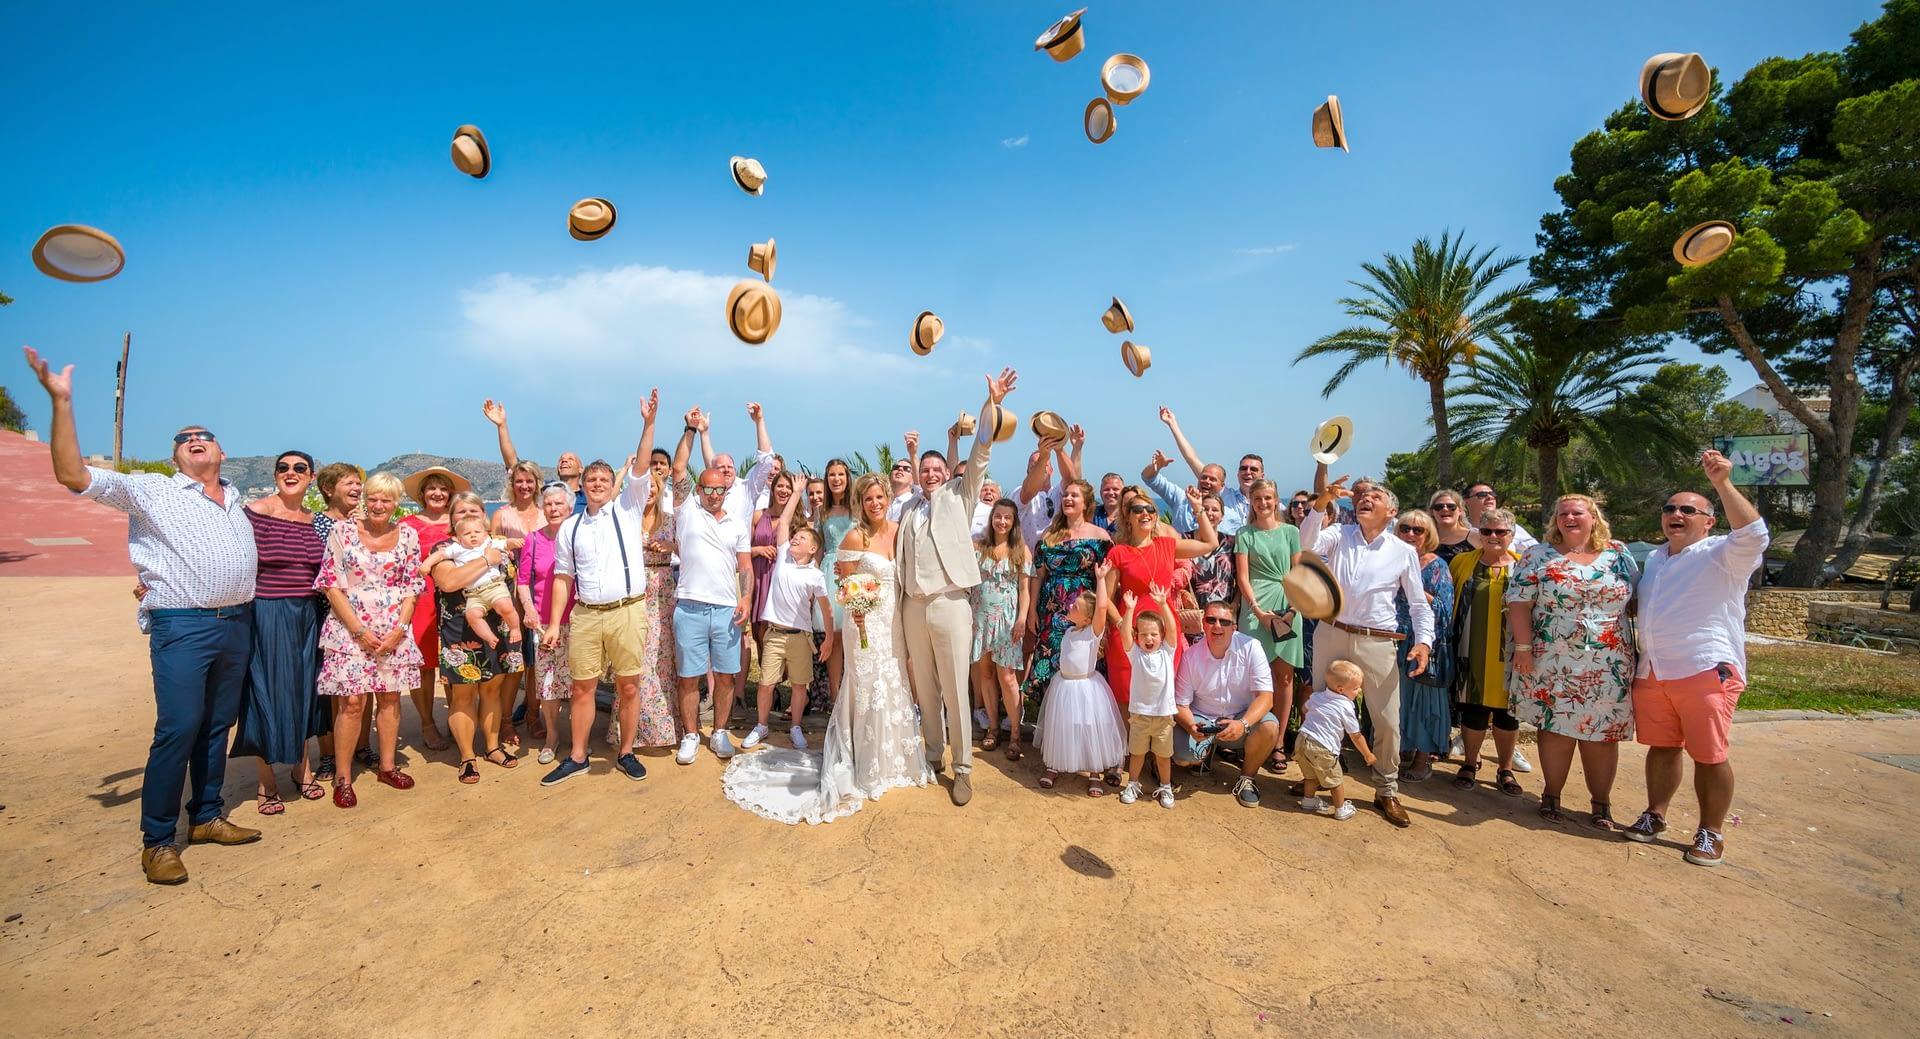 Pierluigi Cavarra - fotografo de bodas y eventos - wedding photographer costa blanca - ejemplo -33